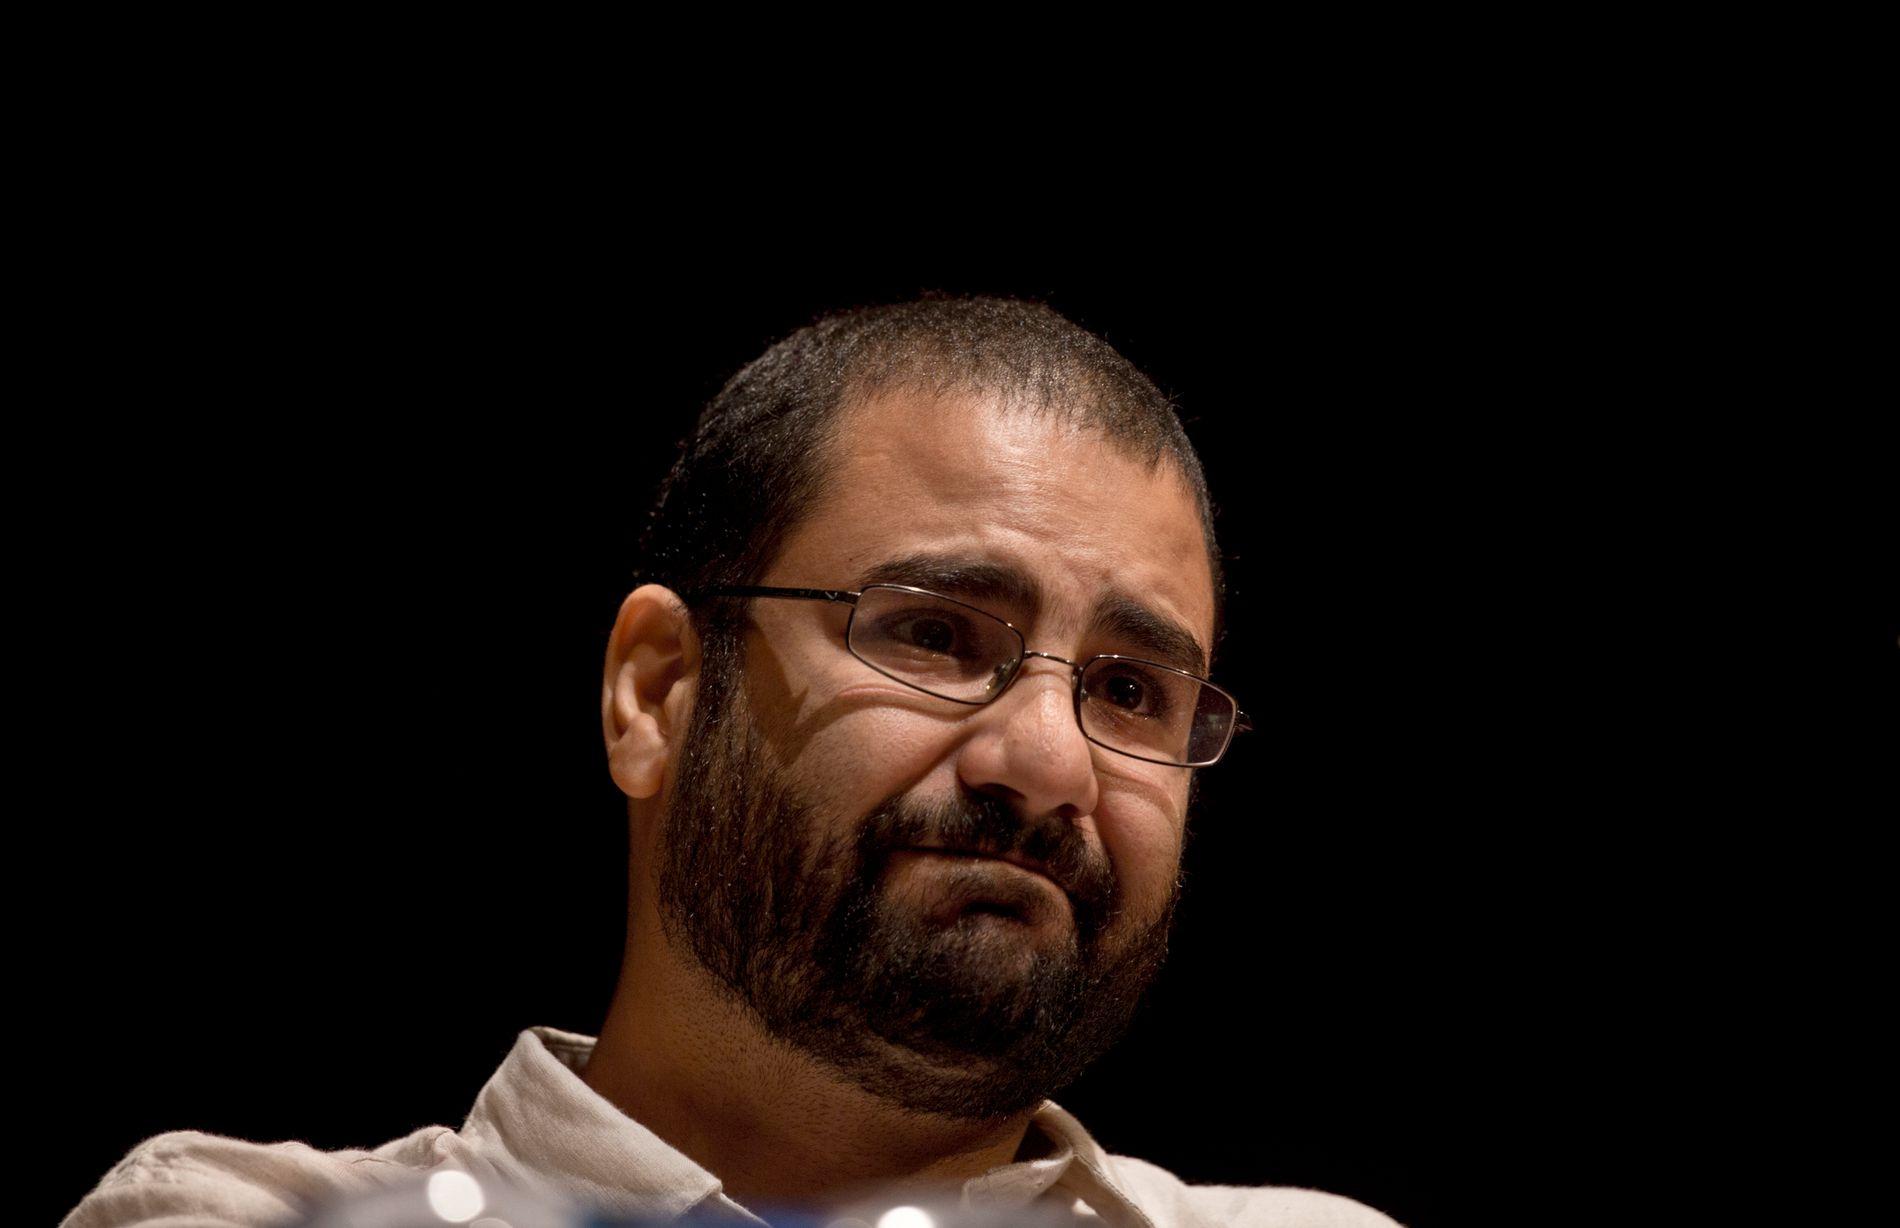 DØMT: Alaa Abdel Fattah, her fotografert under rettssaken i 2014.